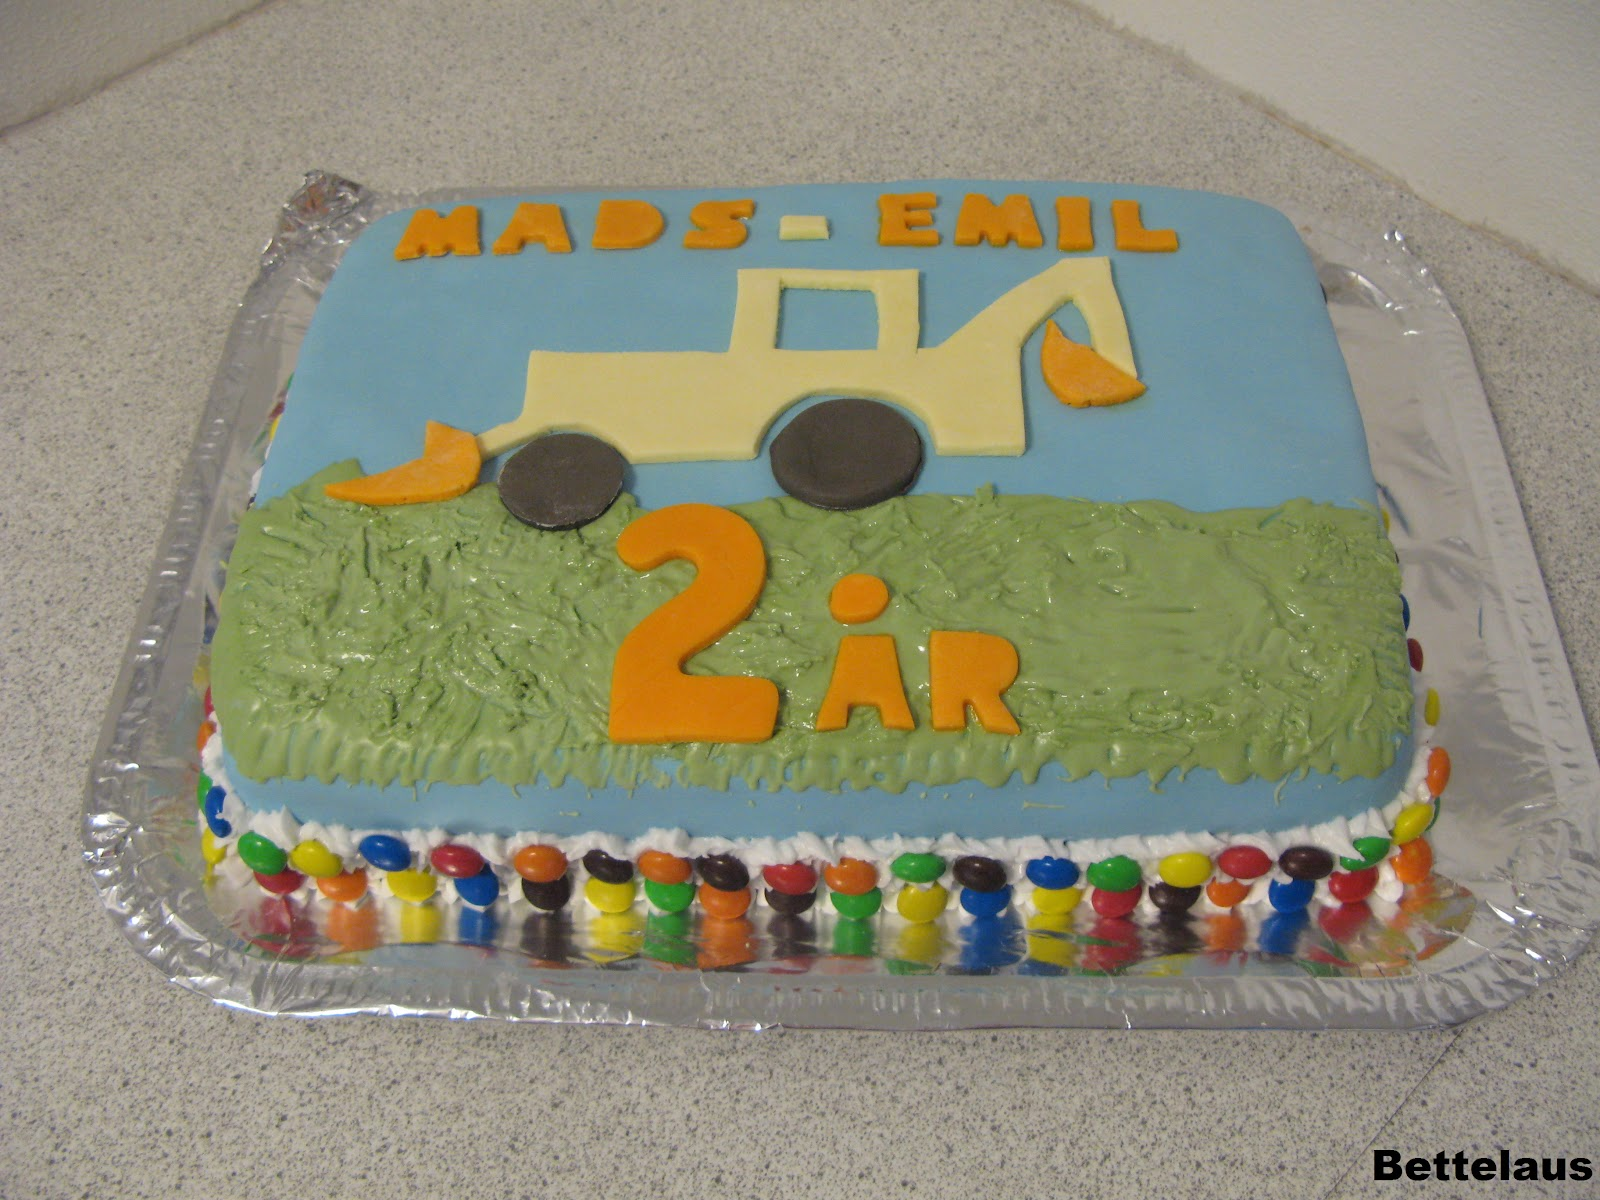 Fødselsdagskage 2 år